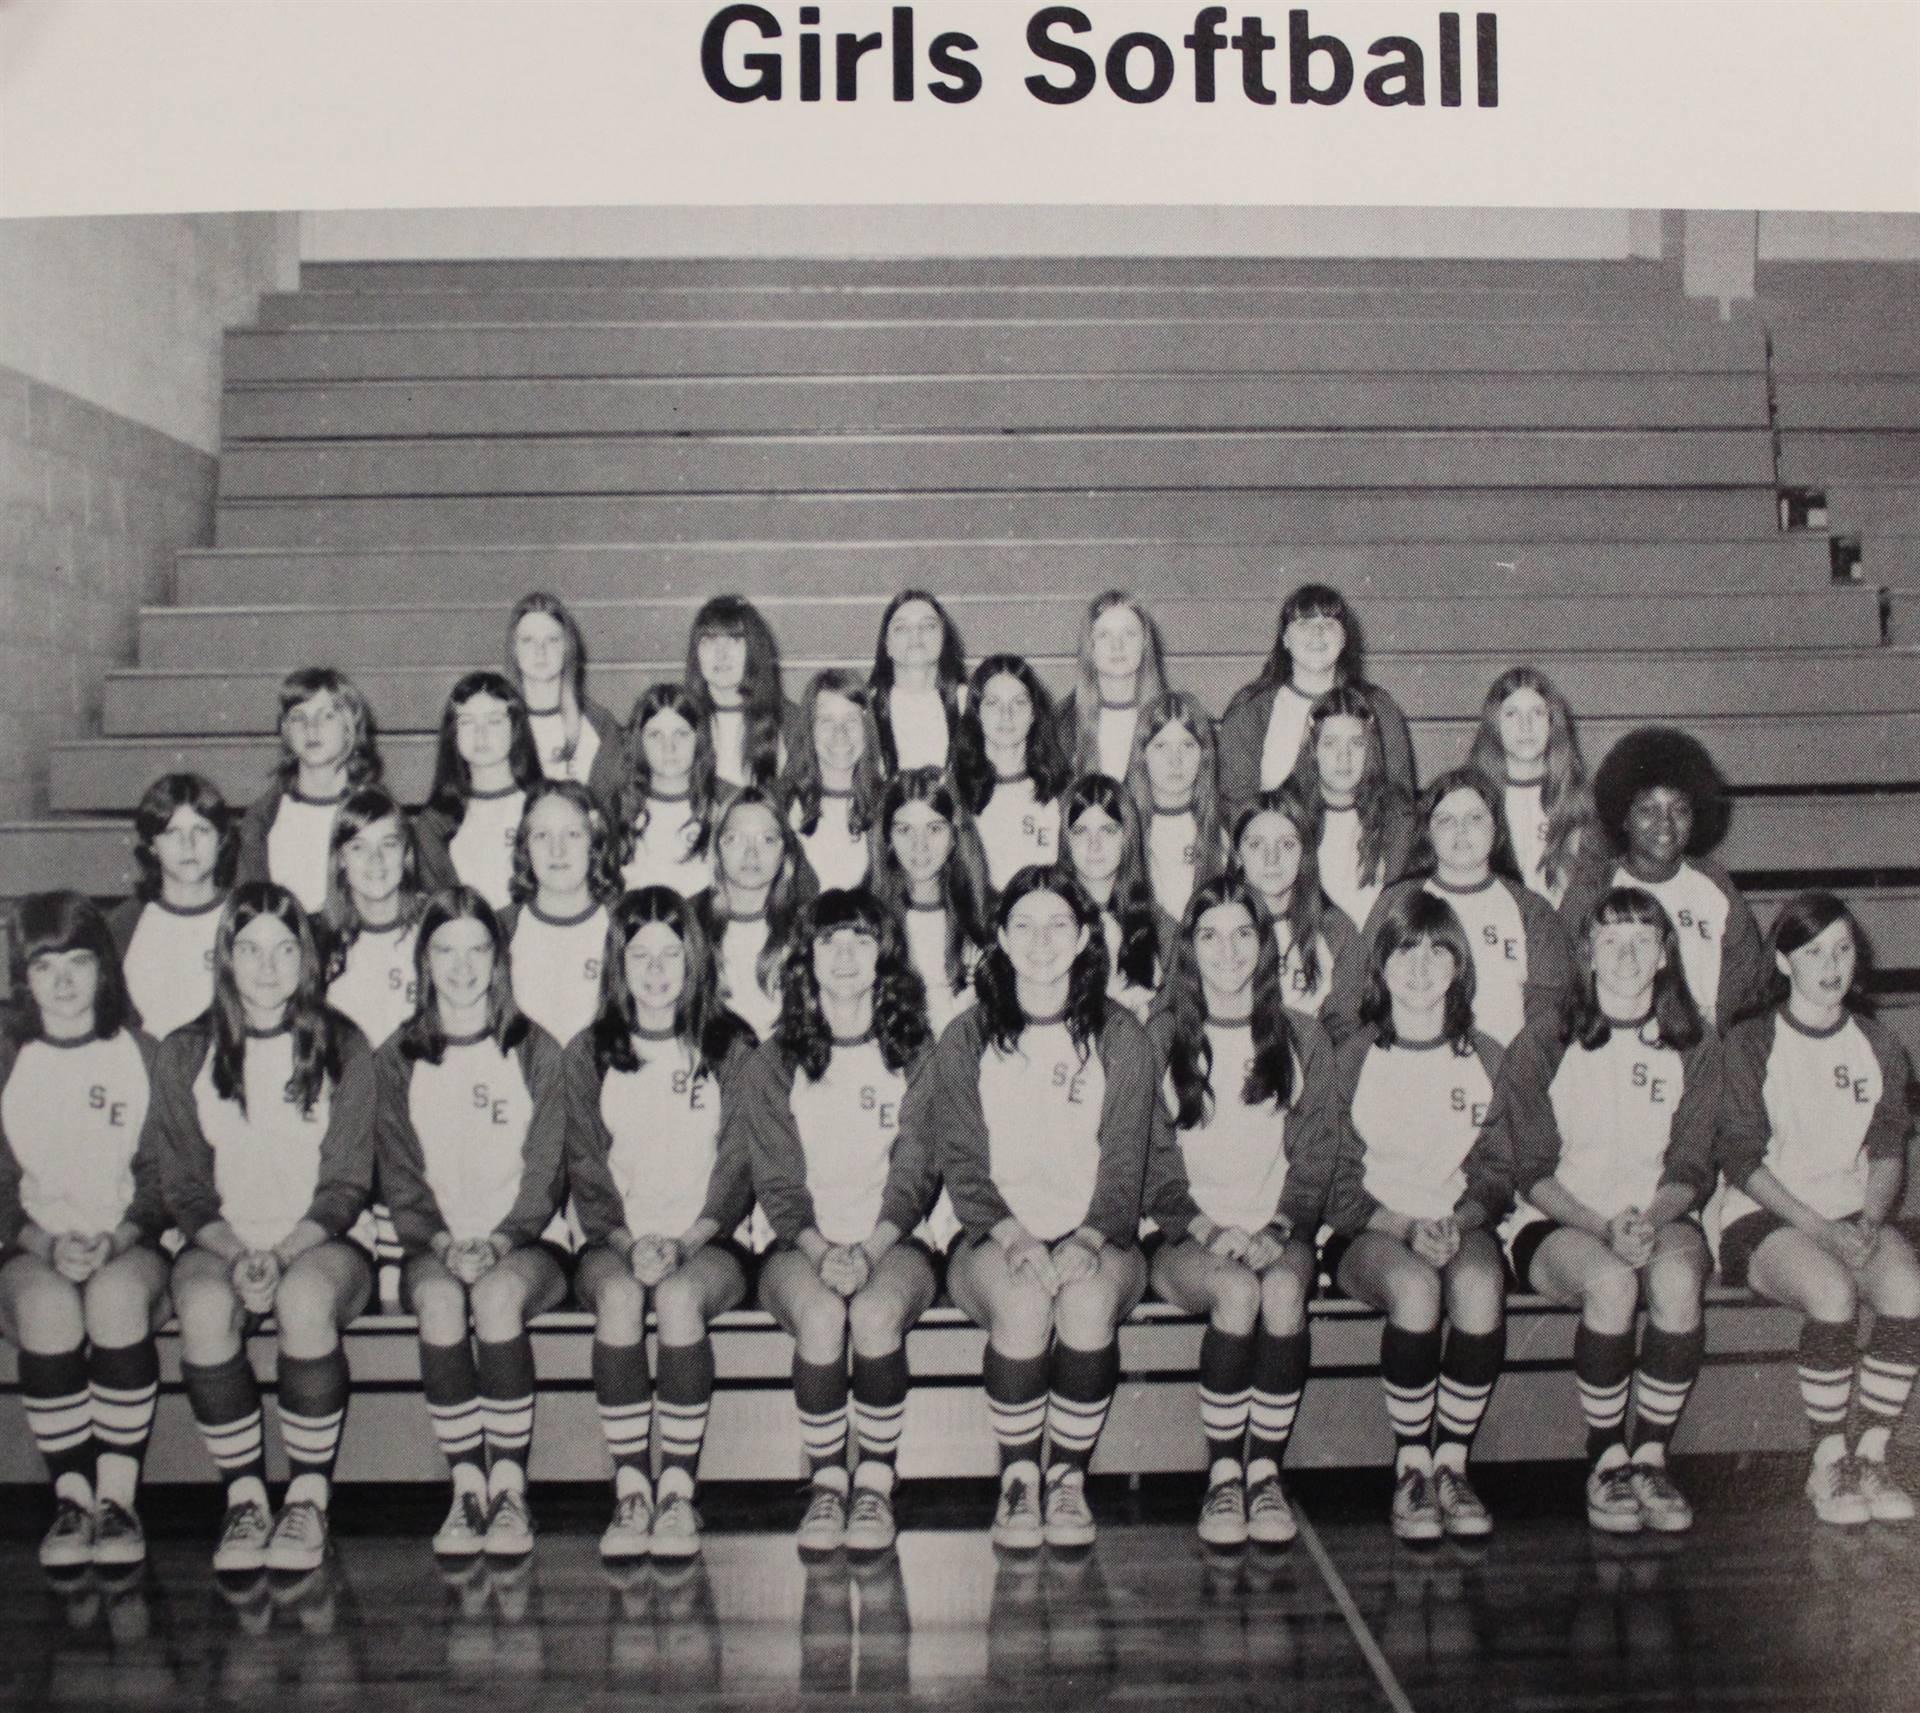 1973 Girls Softball